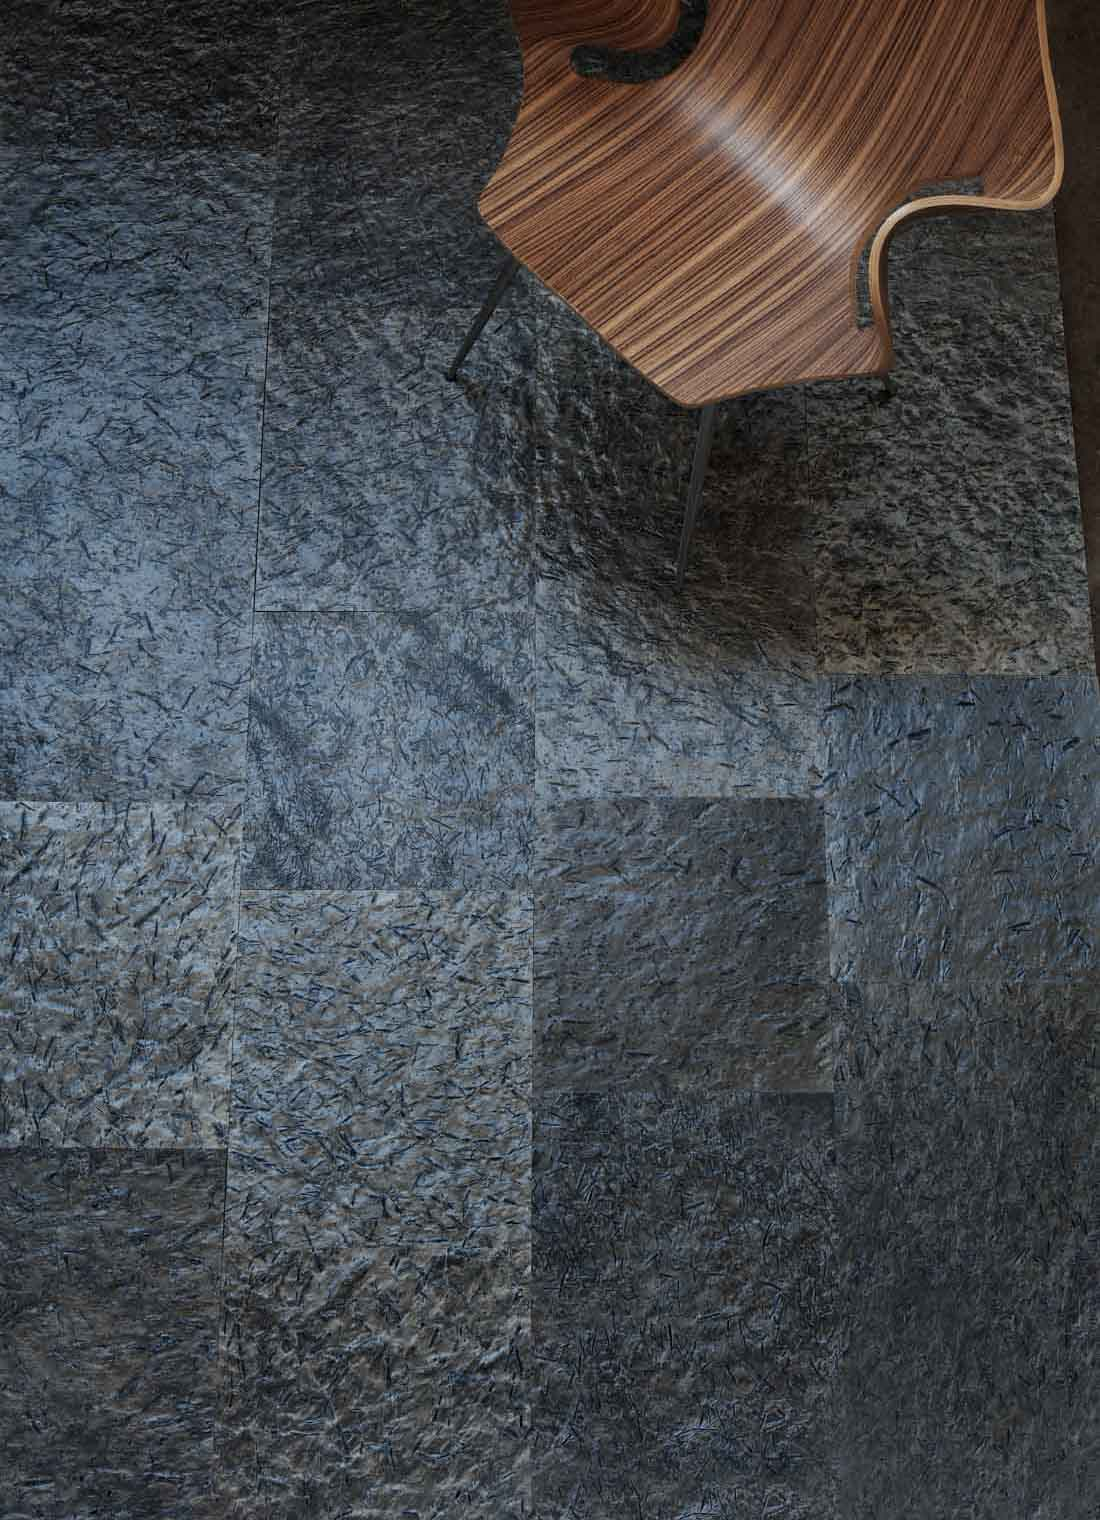 Et gulv belagt med slipte fliser lav Ottaskifer med en designstol i tre